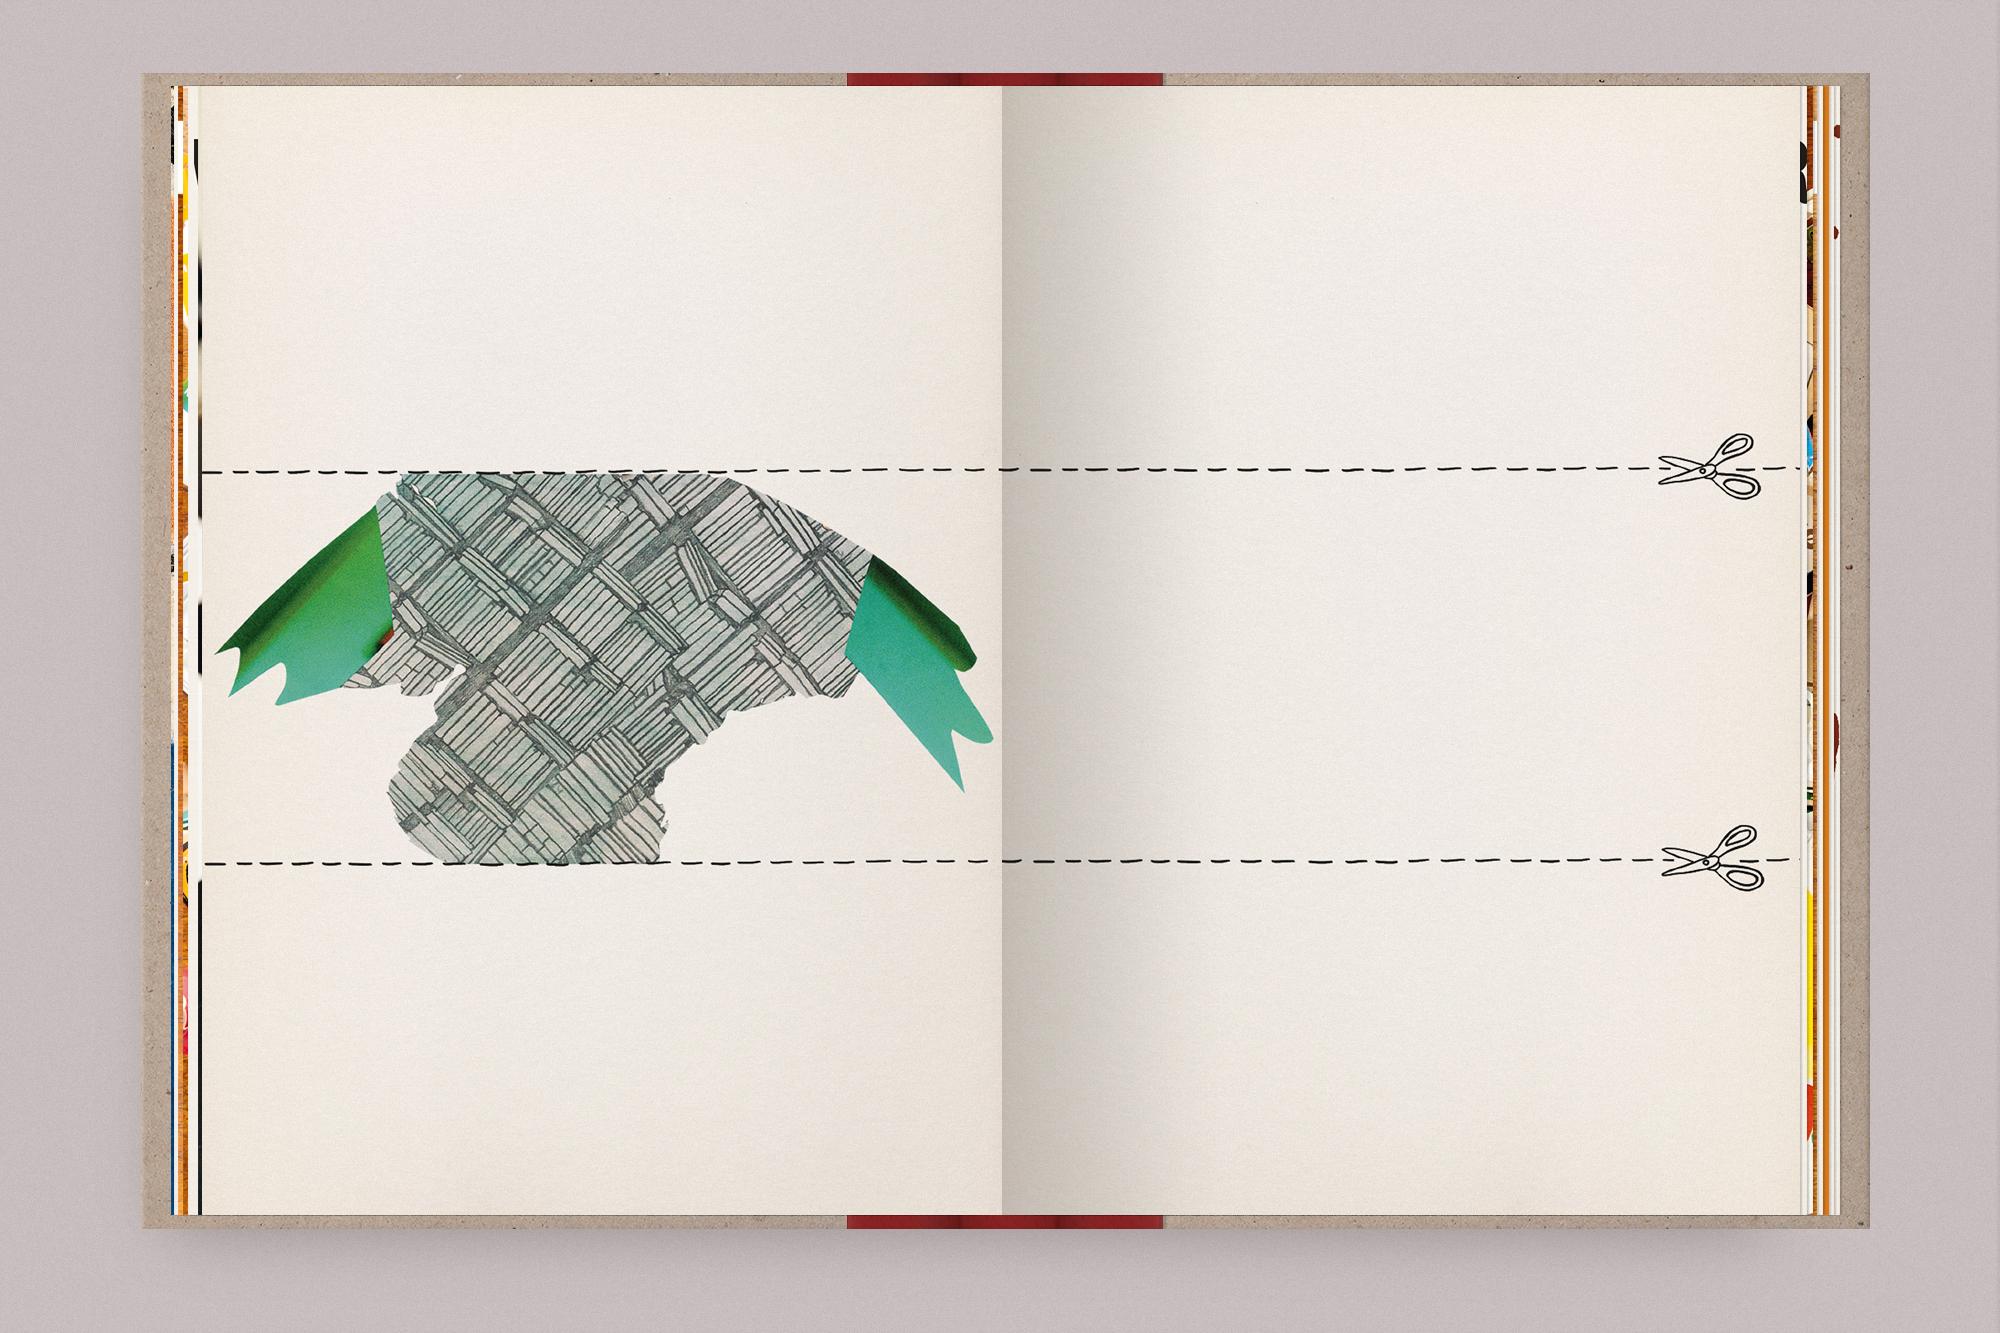 100-eksperimenter-asger-jorn-bogdesign-grafisk-museum-malene-hald-19